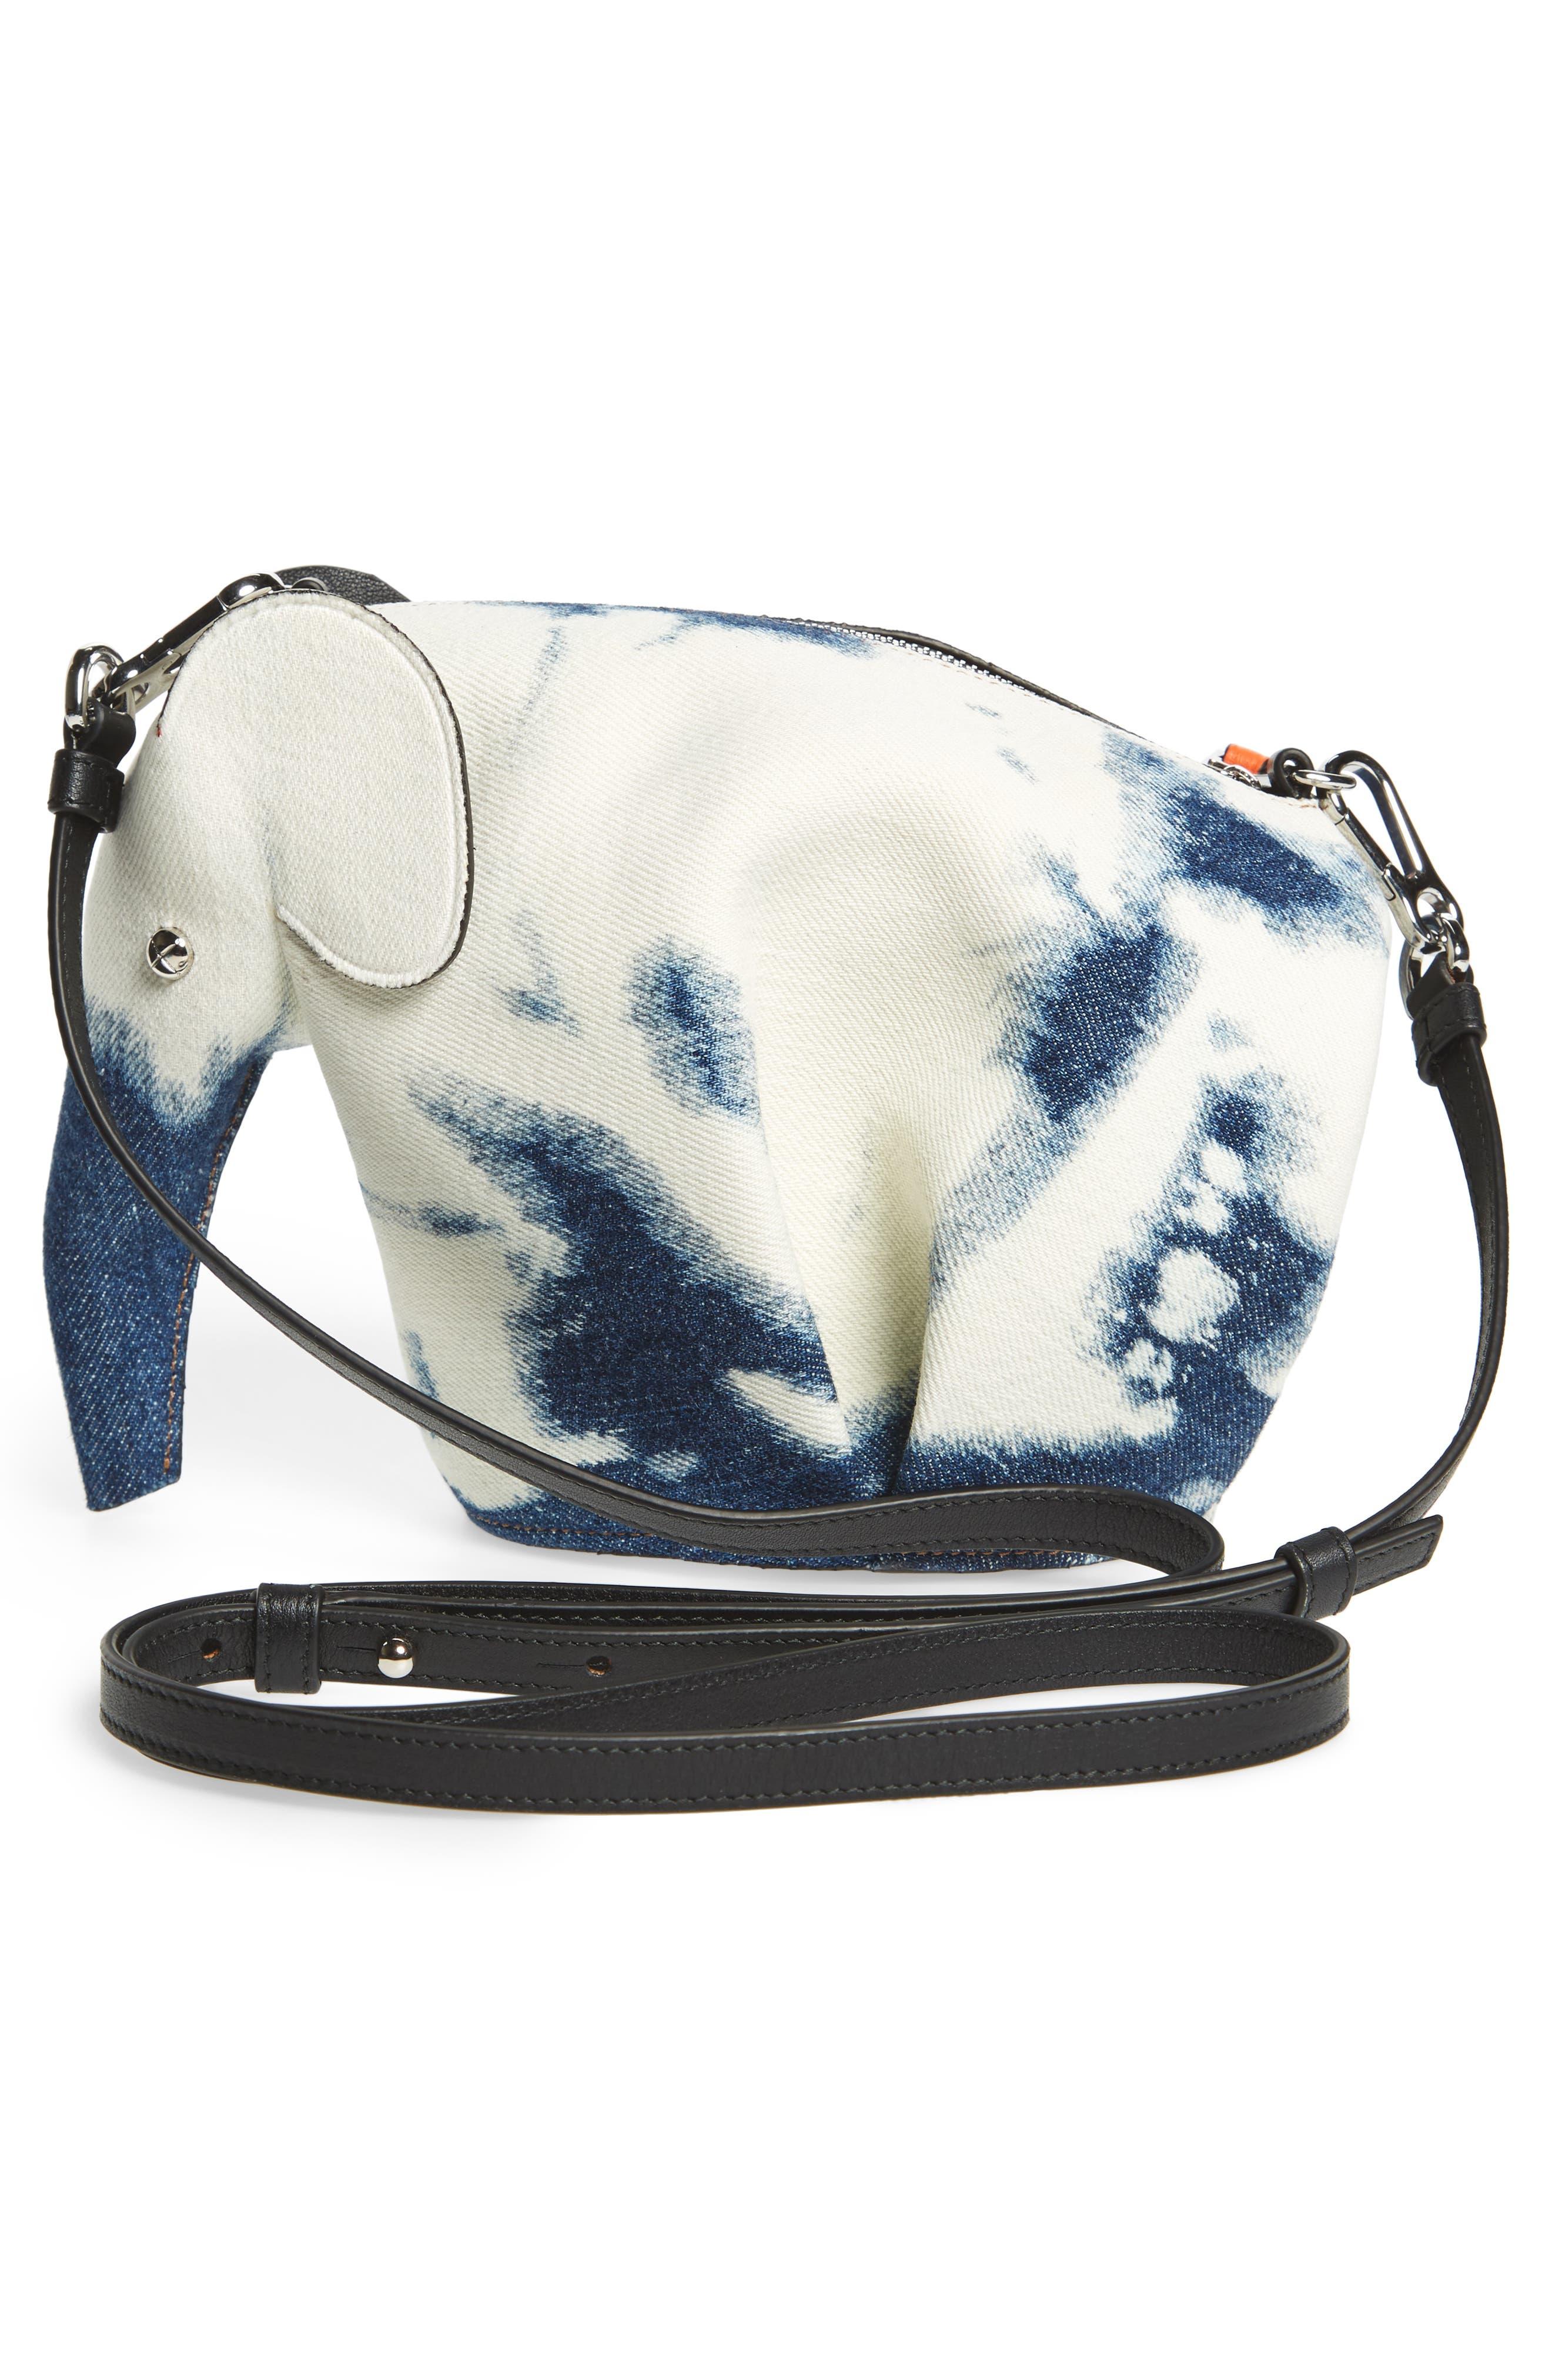 Denim Elephant Crossbody Bag,                             Alternate thumbnail 4, color,                             Blue Denim/ White/ Black